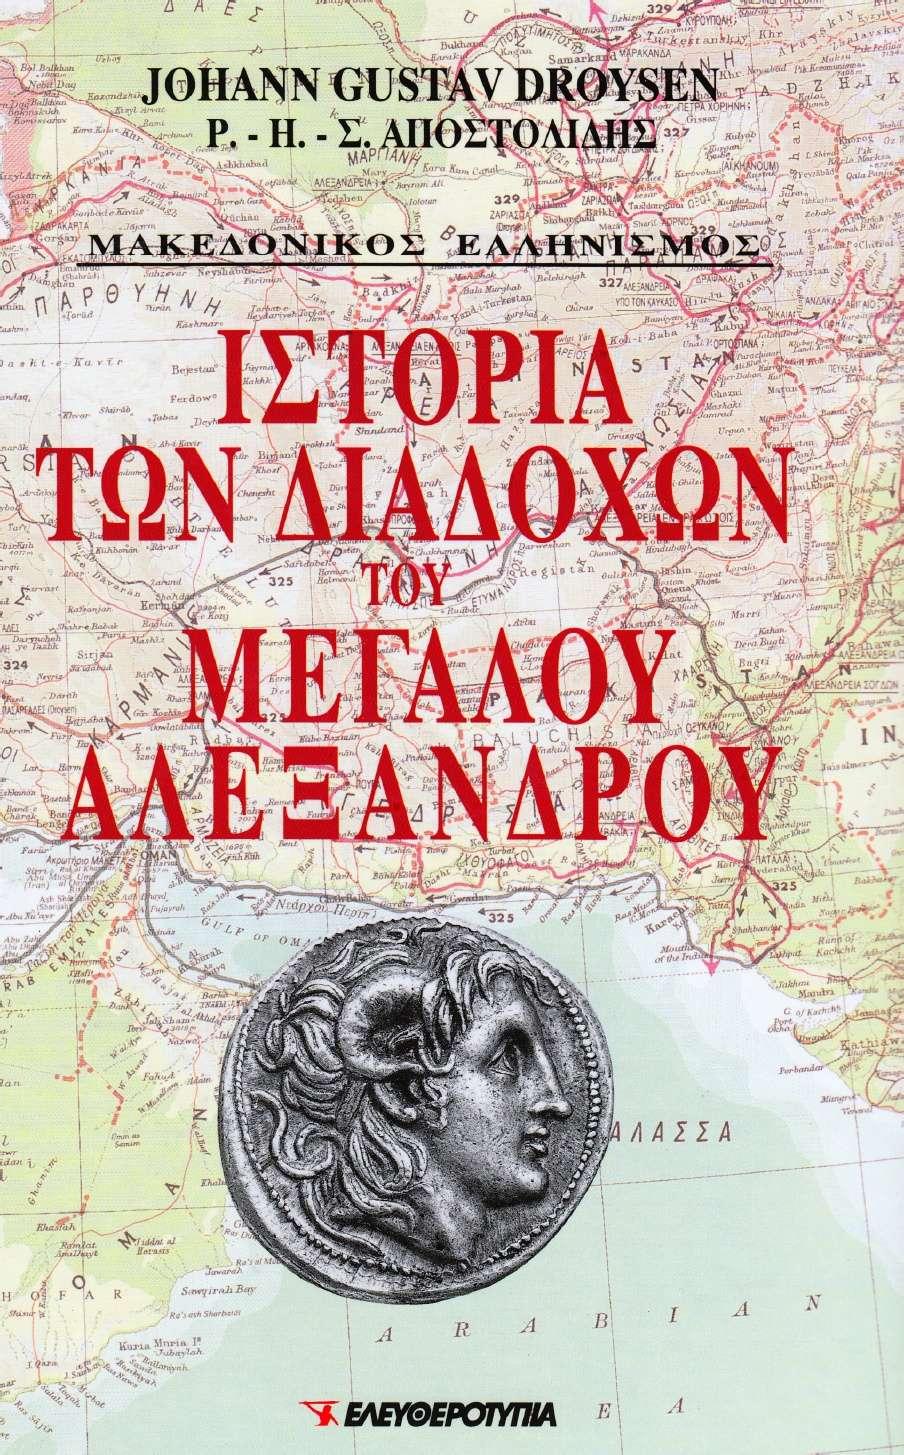 Γιόχαν Γκούσταφ Ντρόυζεν: Ιστορία των Διαδόχων του Μεγάλου Αλεξάνδρου (PDF)